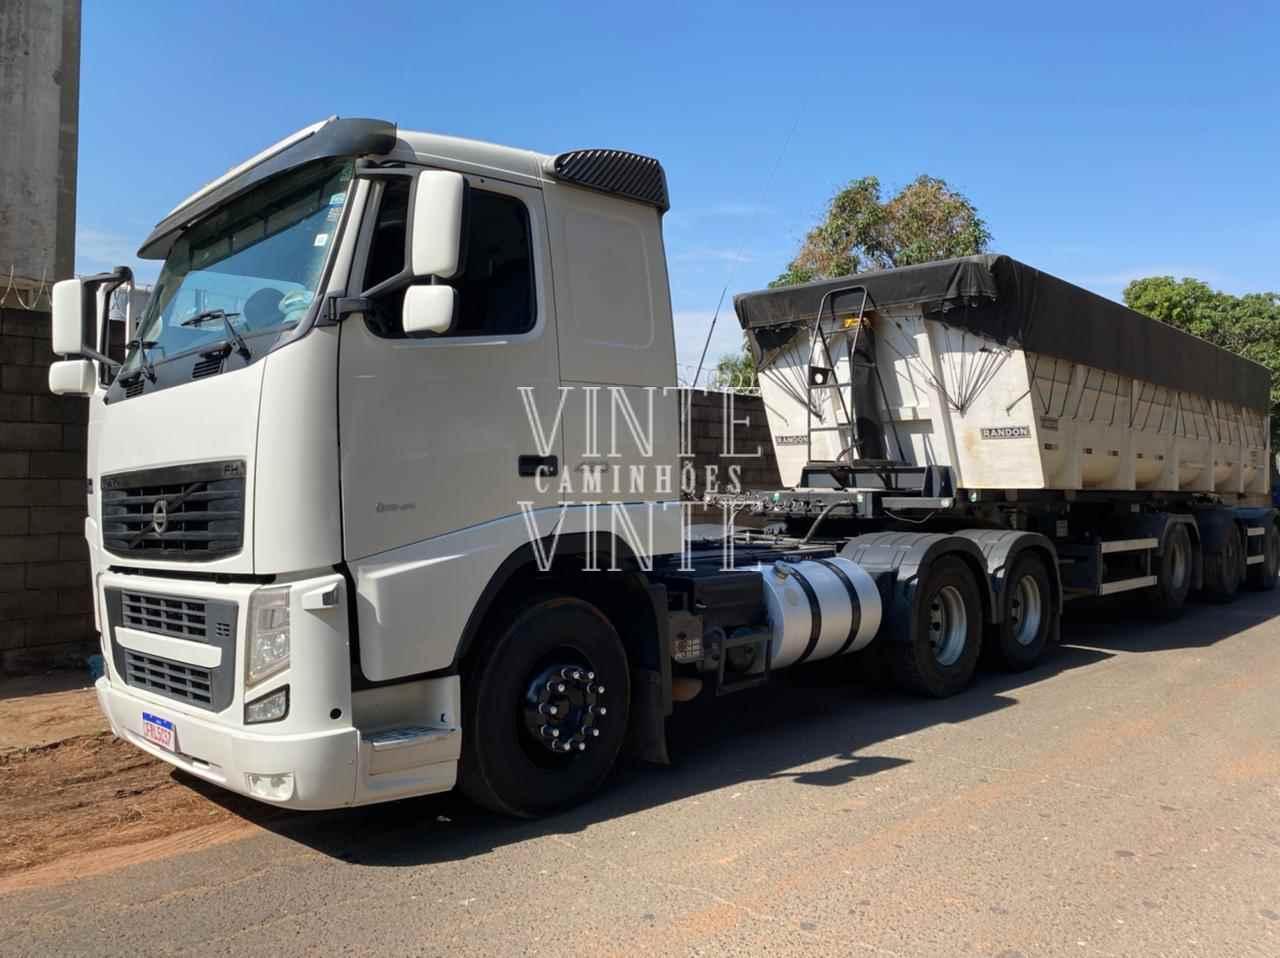 CAMINHAO VOLVO VOLVO FH 460 Caçamba Basculante Truck 6x2 Vinte-Vinte Caminhões SANTO ANDRE SÃO PAULO SP